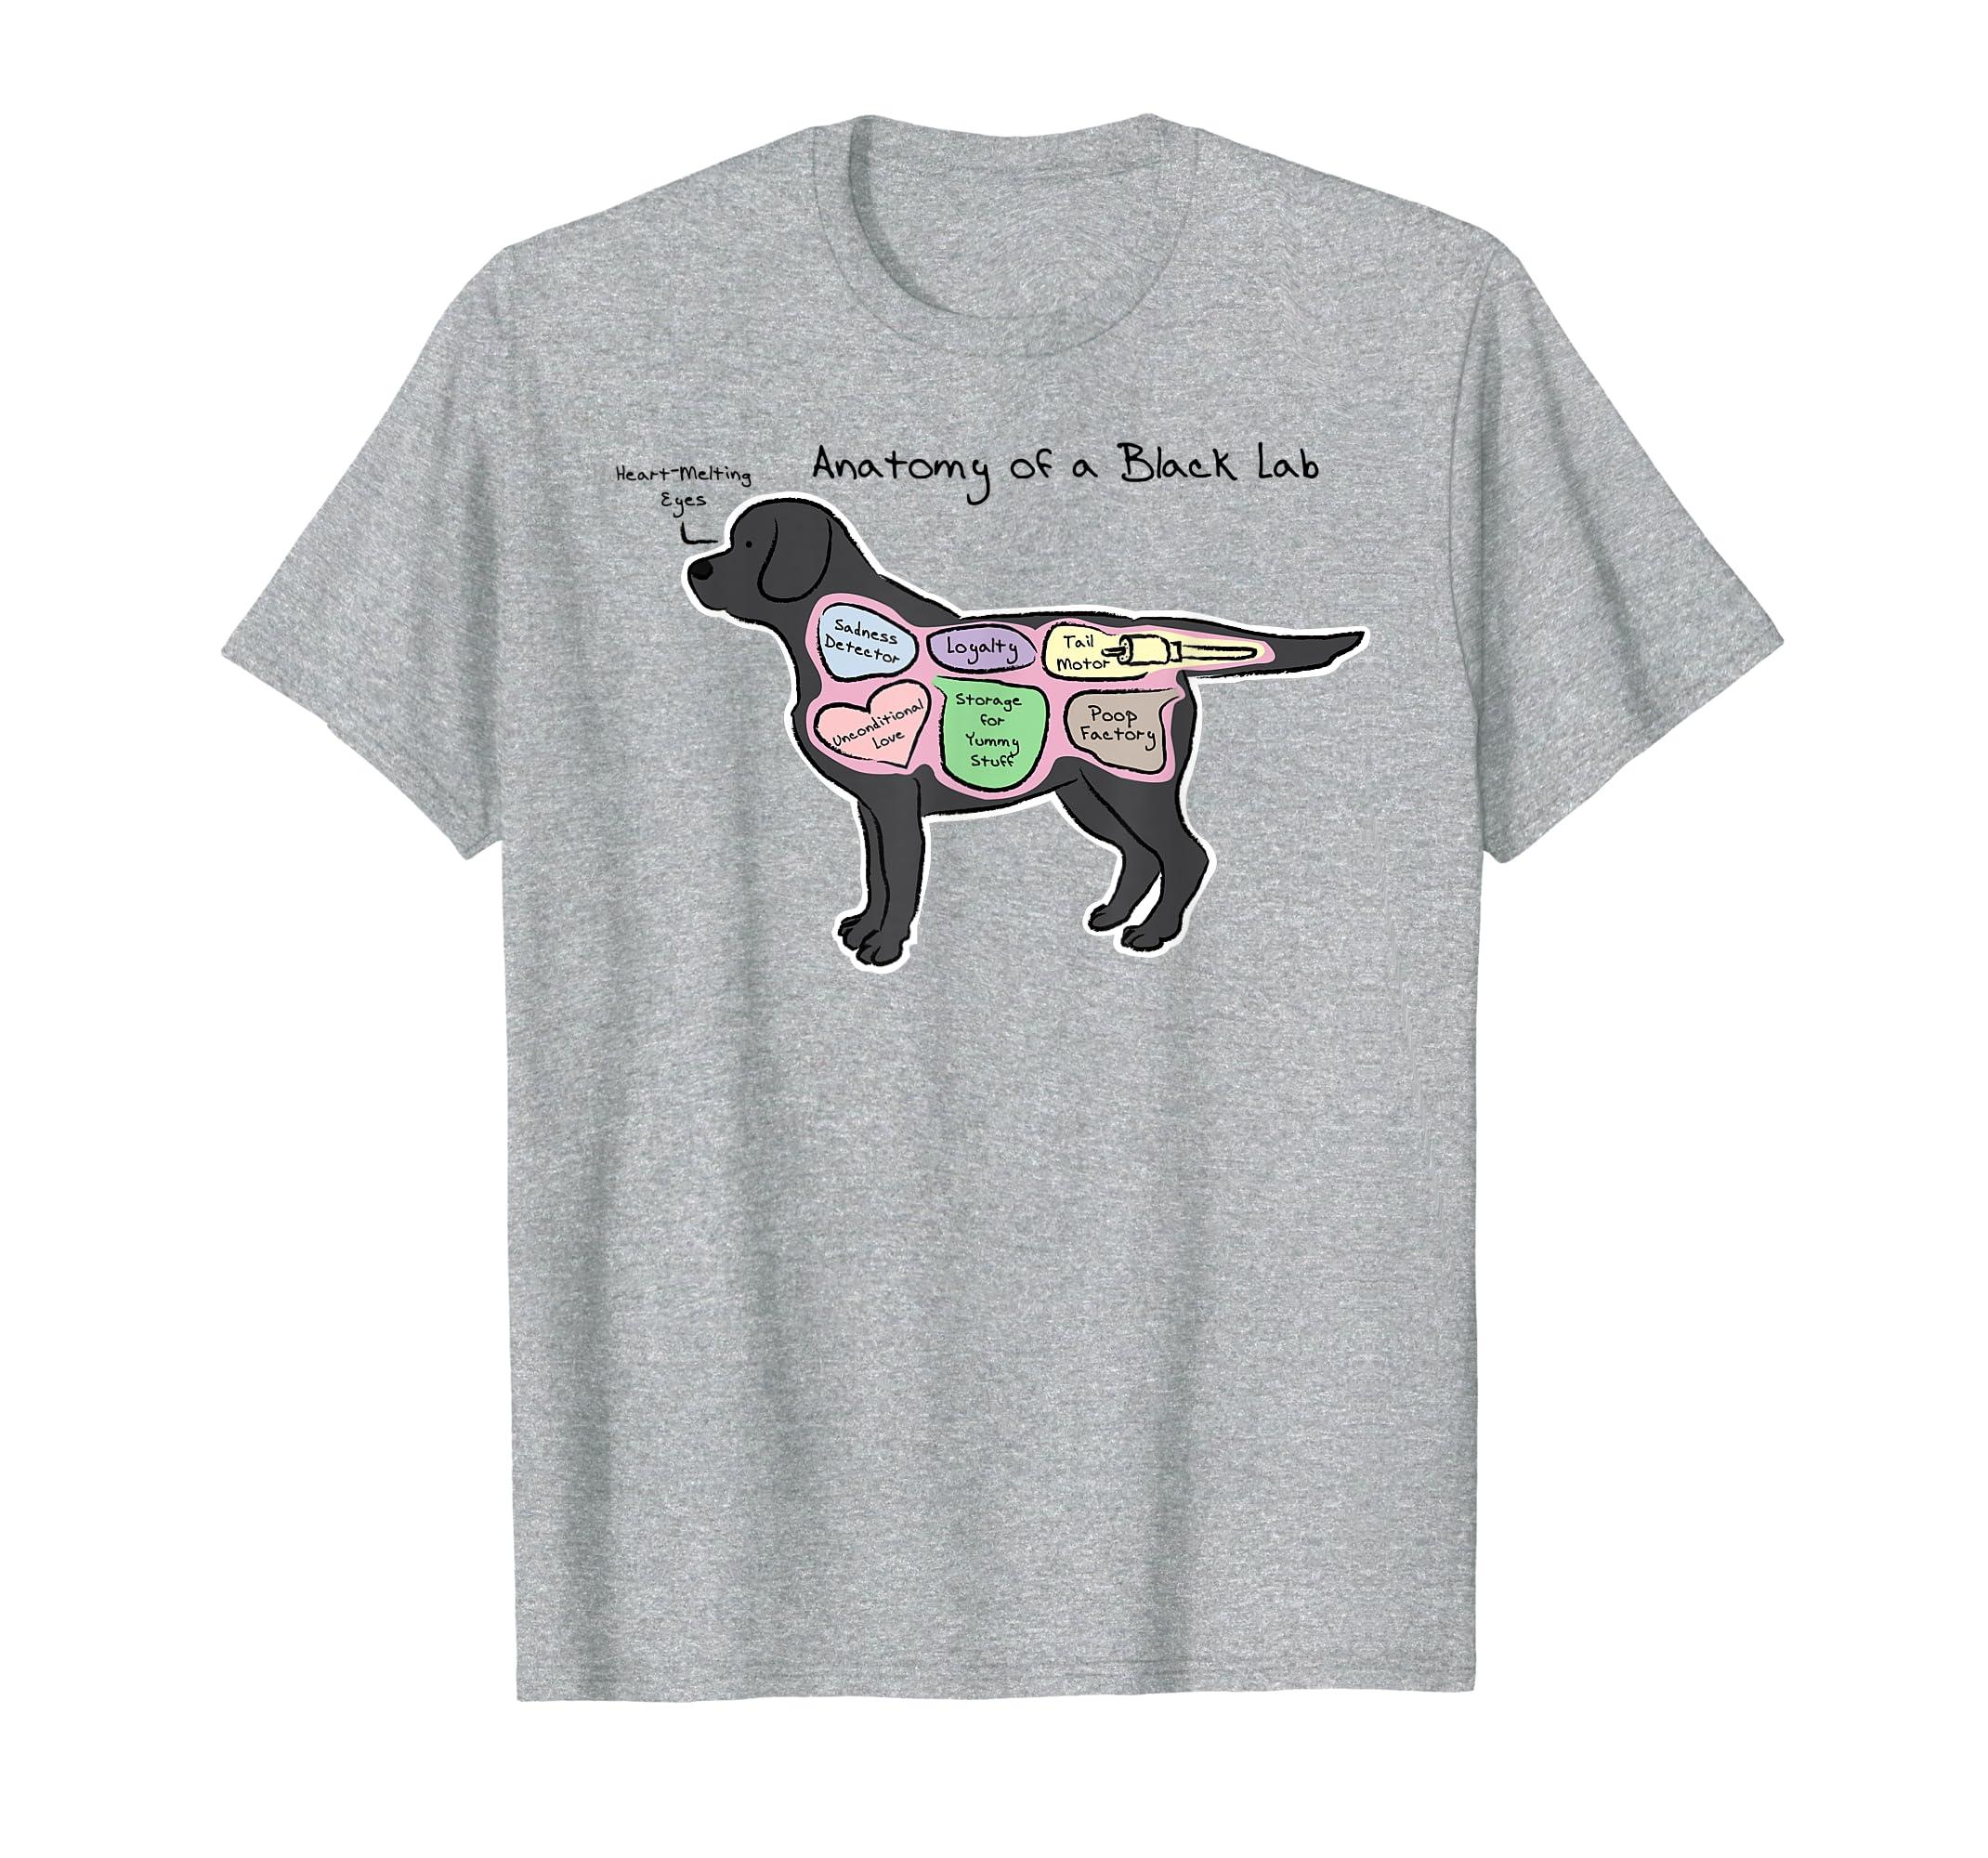 8323b463 Amazon.com: Funny Black Lab T-shirt - Anatomy of a Black Lab: Clothing